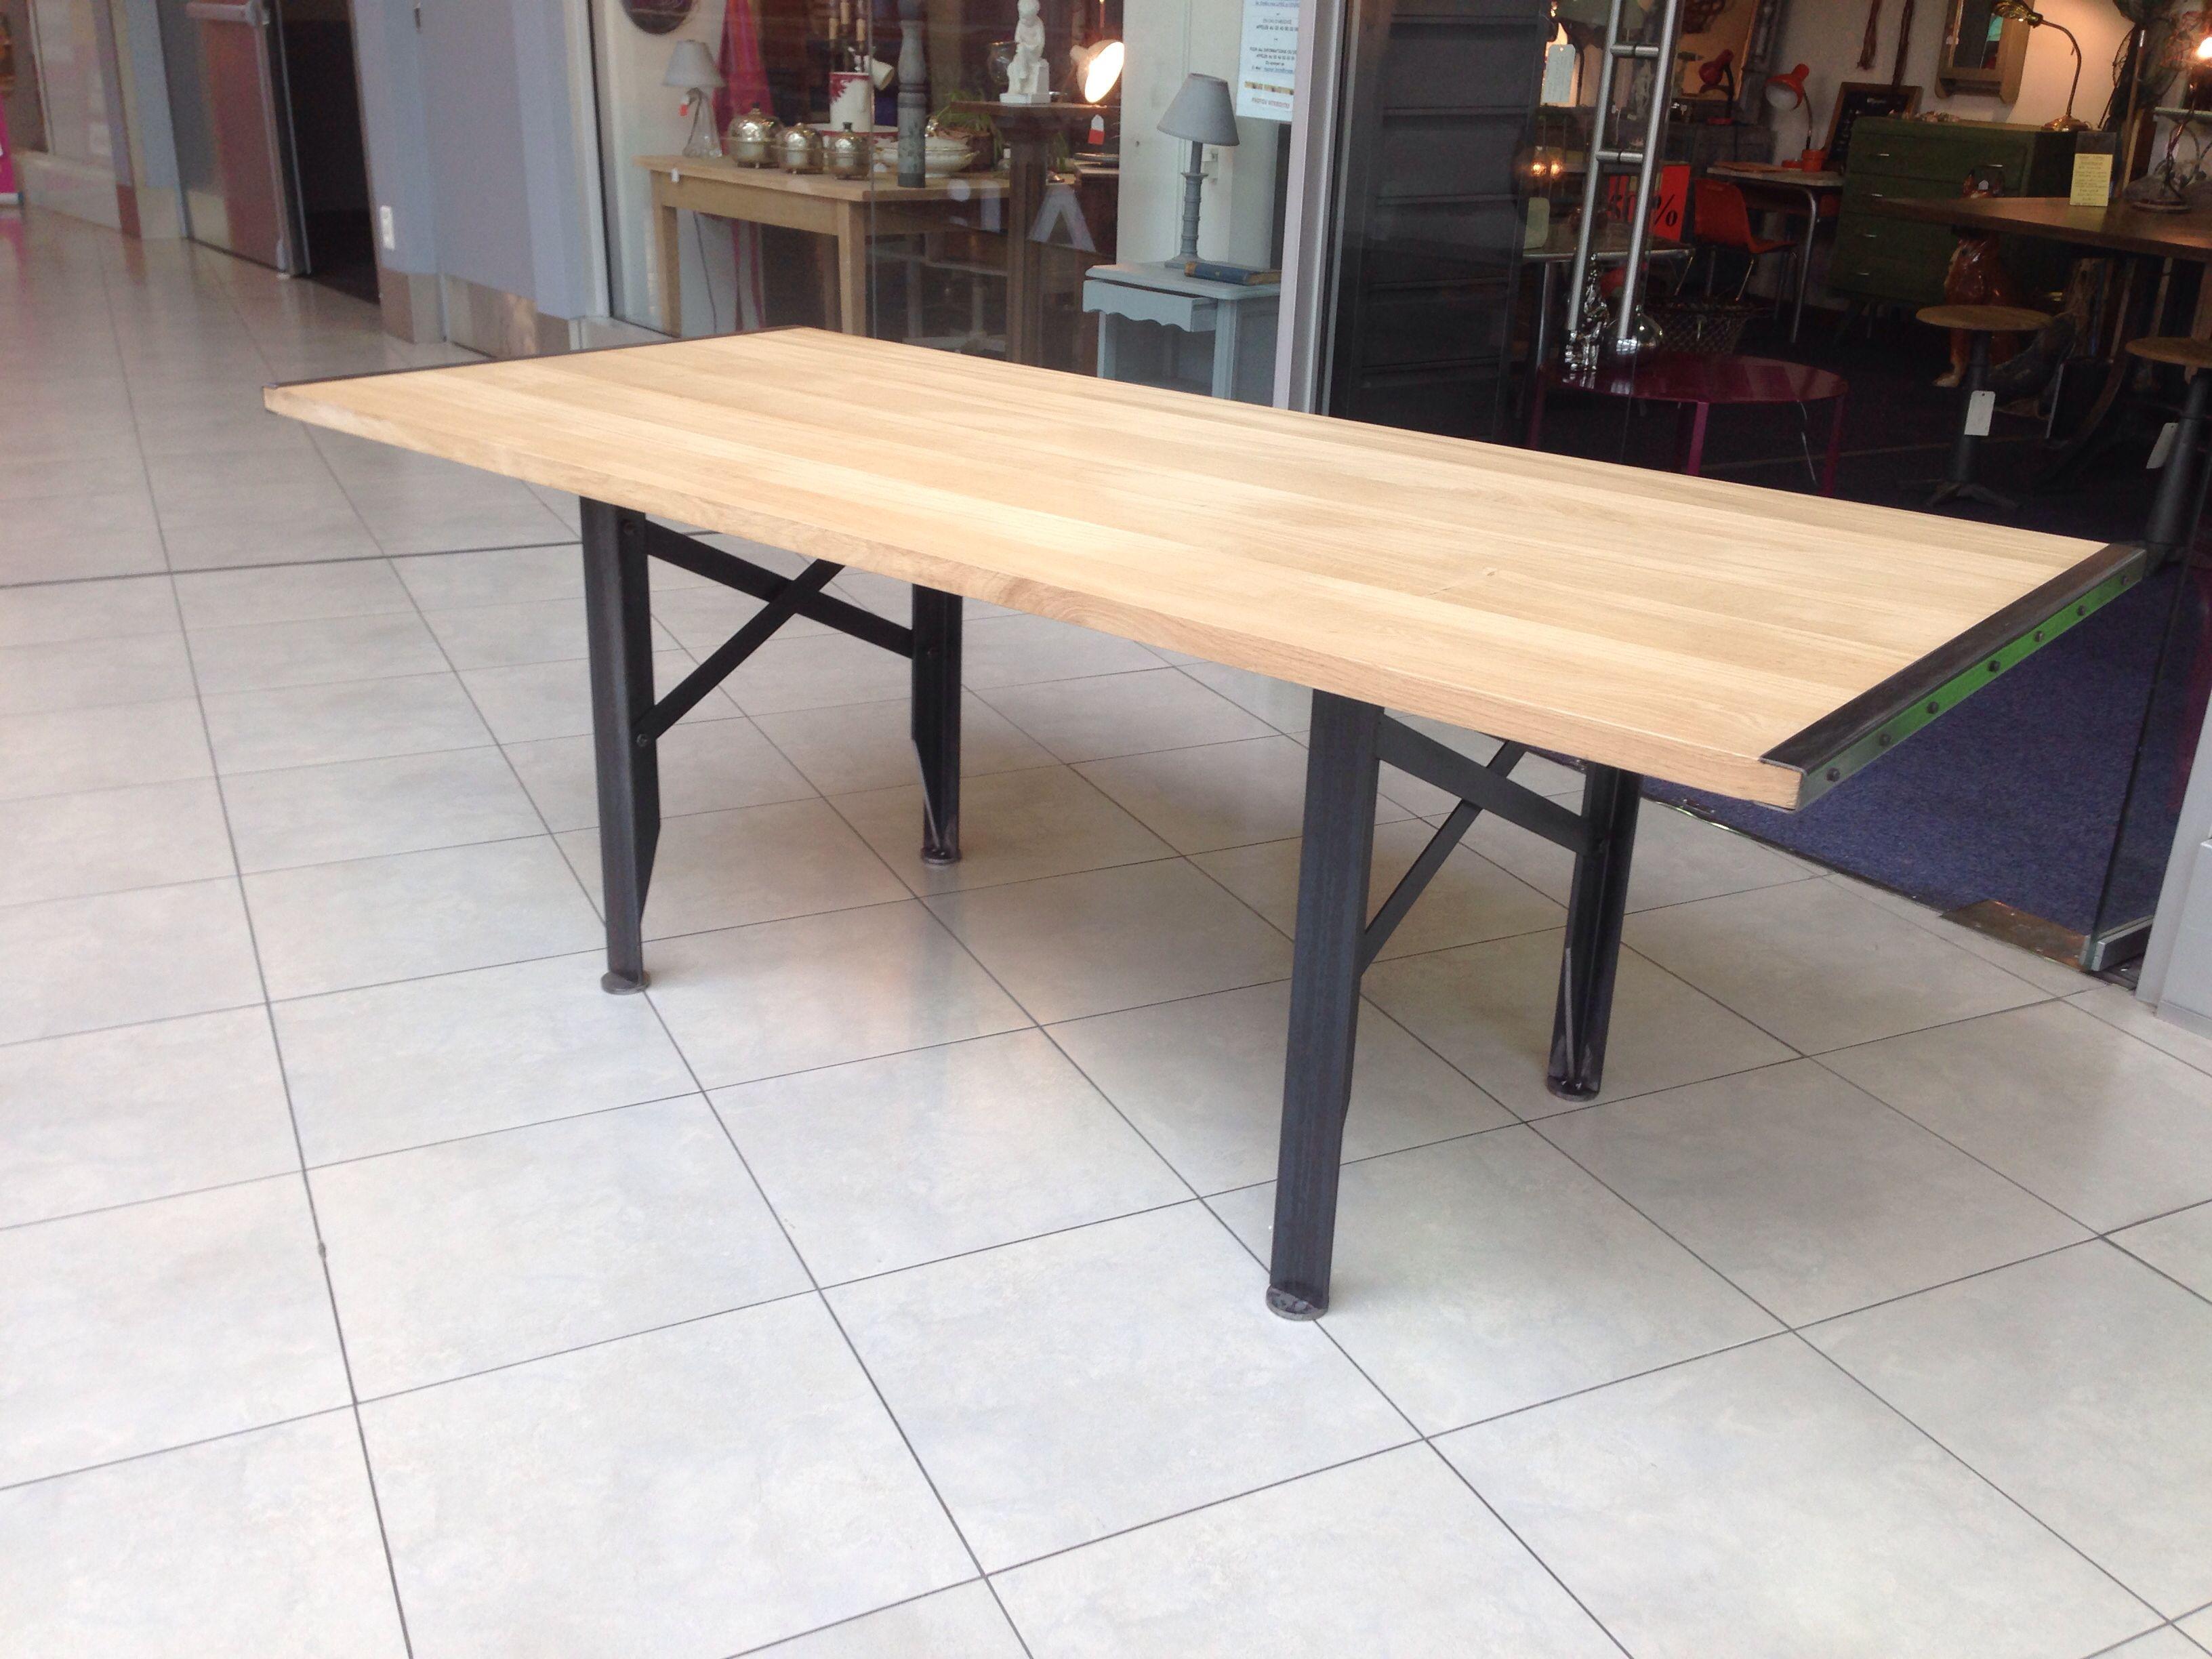 Table repas style industriel sur mesure en métal patine noire ...